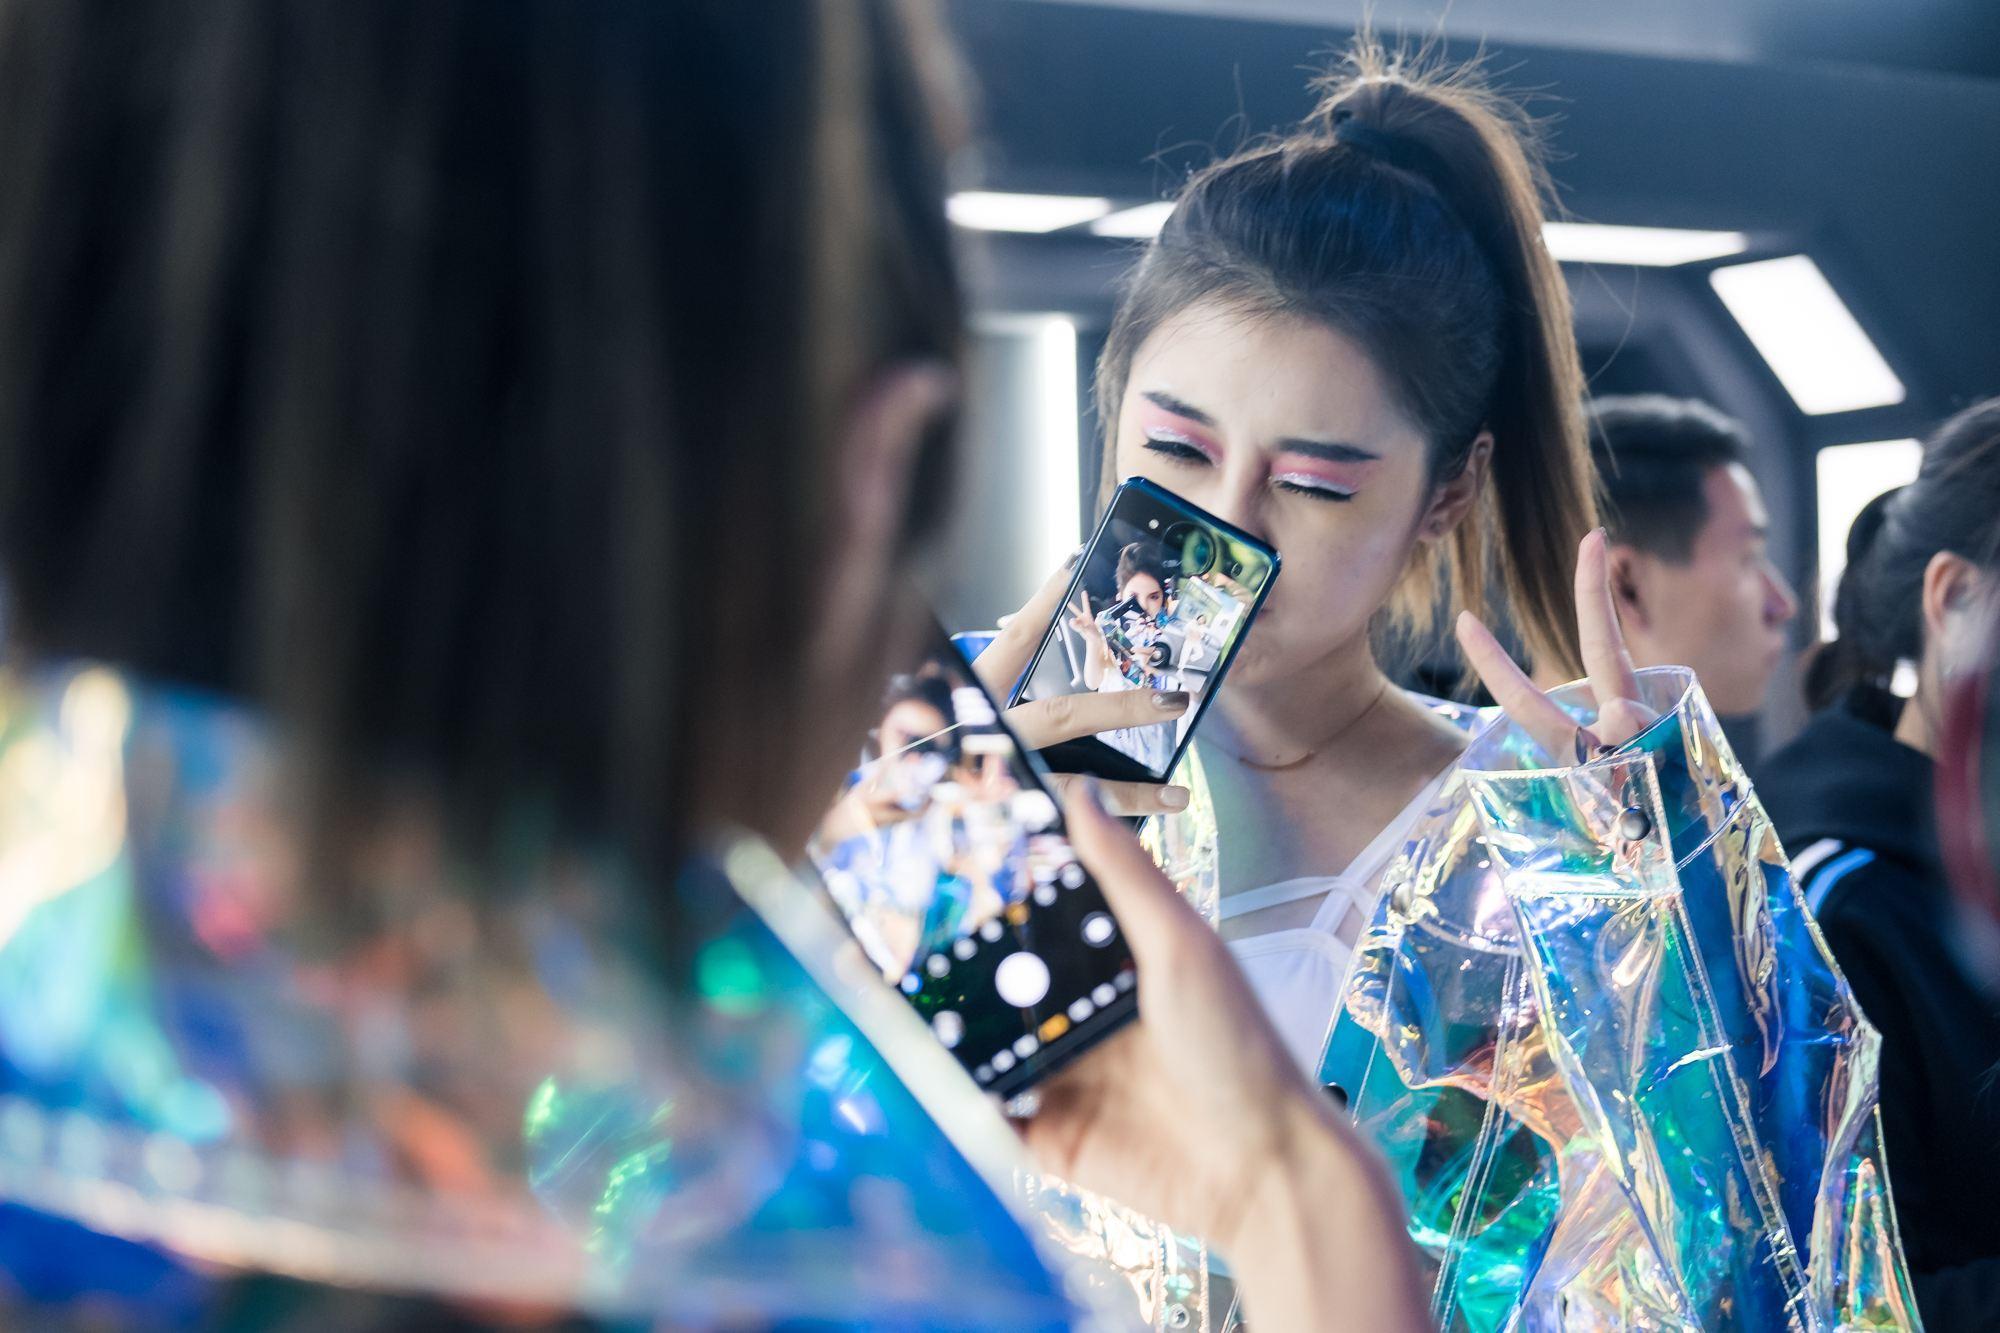 从vivo看国产手机拍照技术发展:硬件提升和技术优化双轨发展